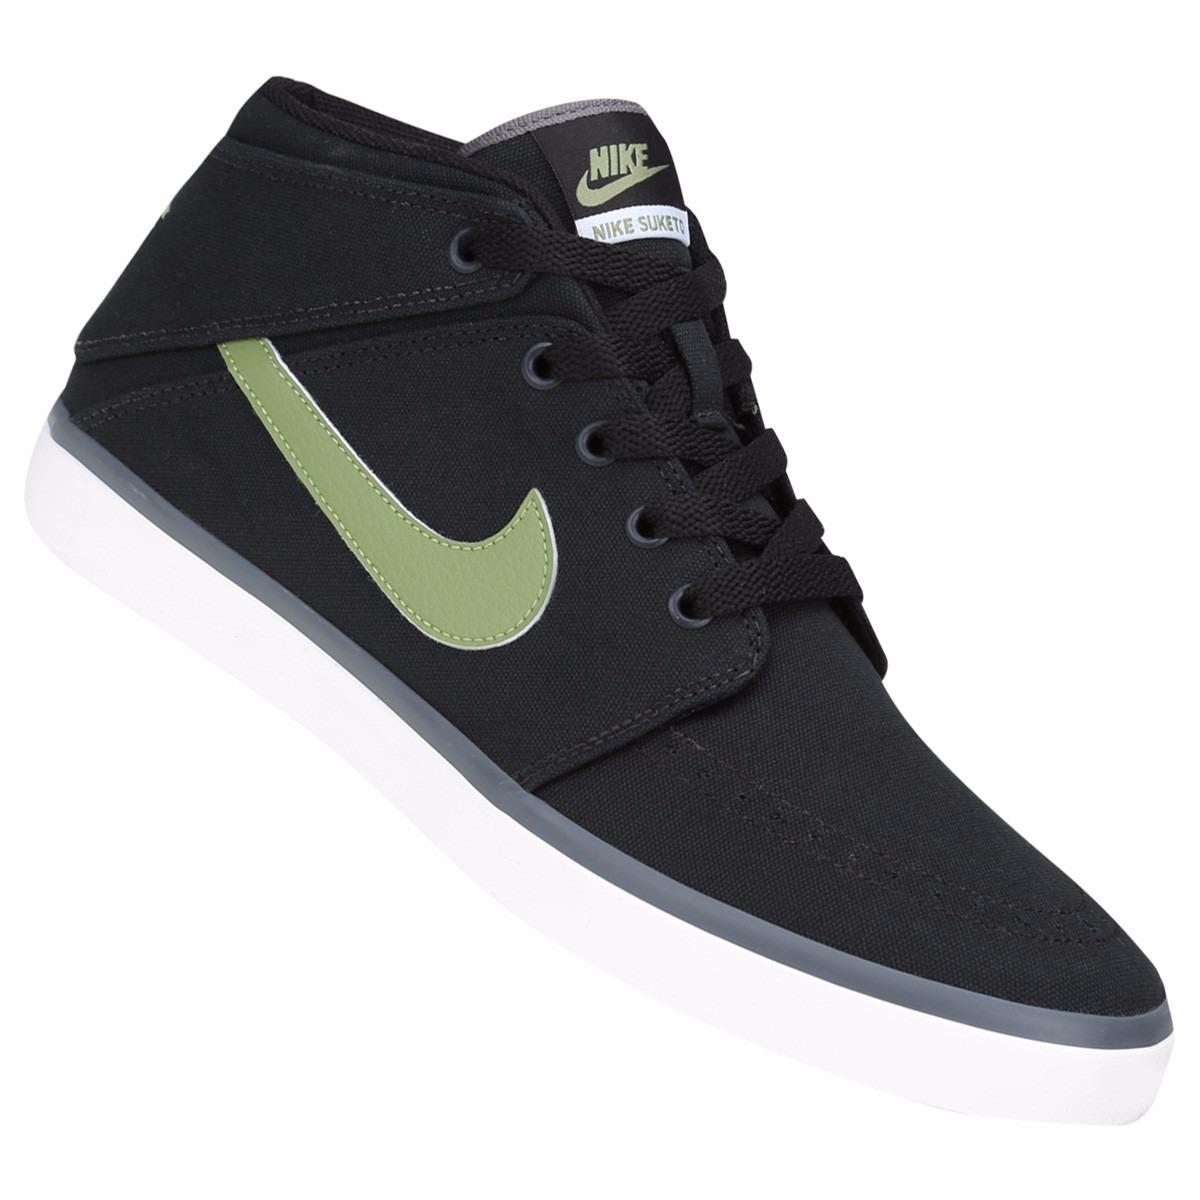 d64d668aca5 zapatillas nike urbanas hombre 2015